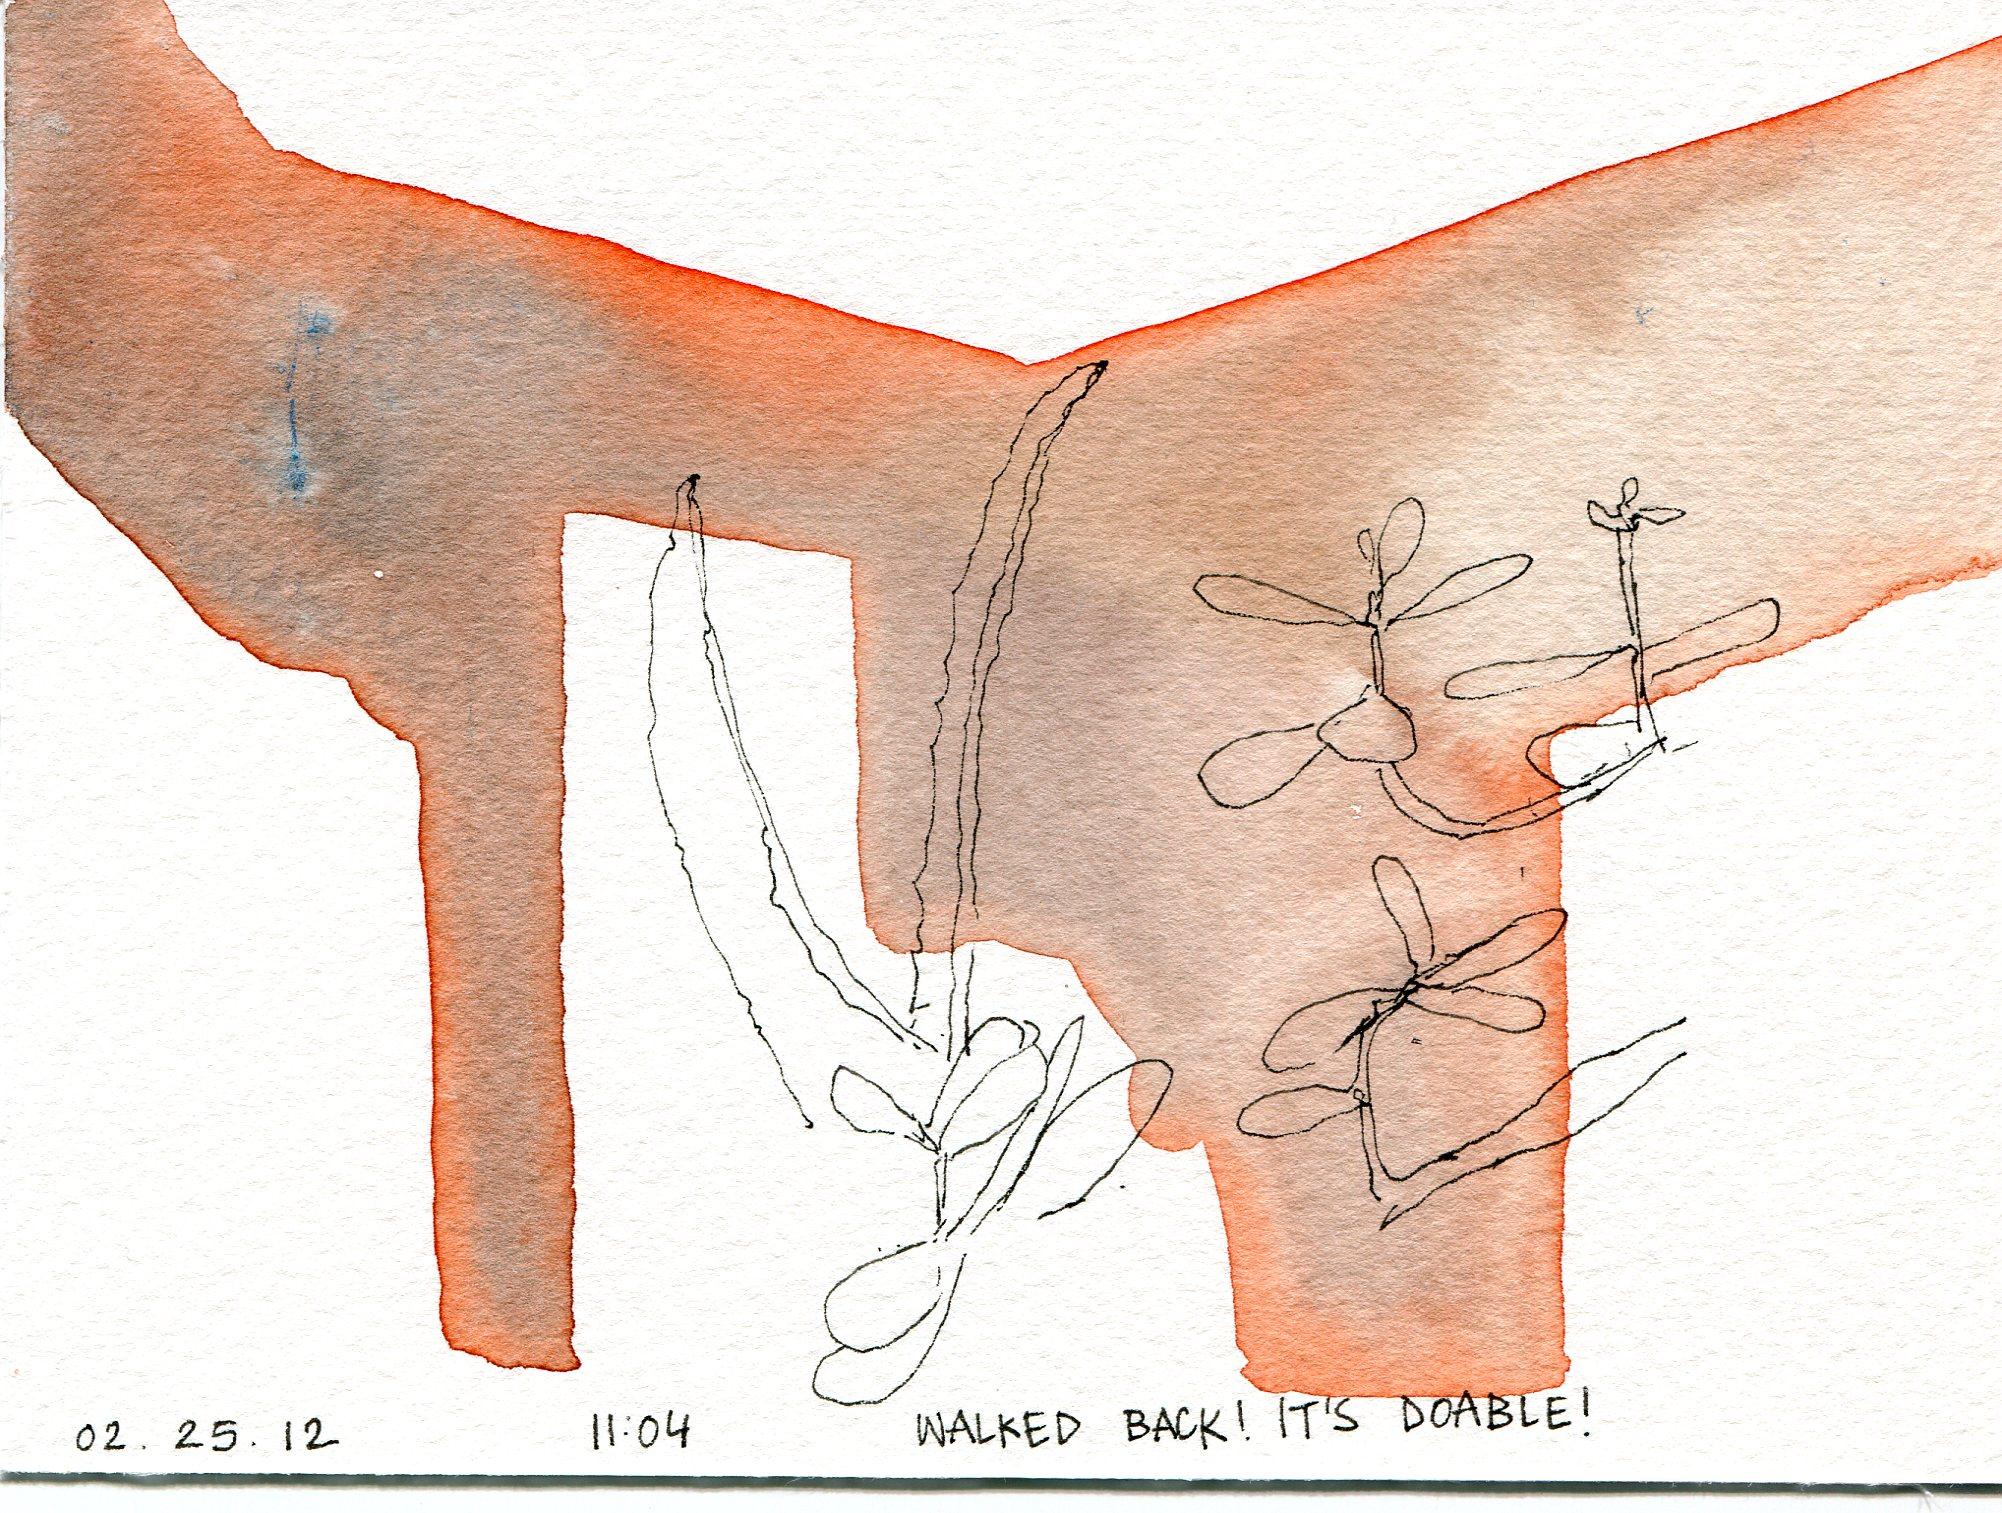 2012-02-25 drawings007.jpg